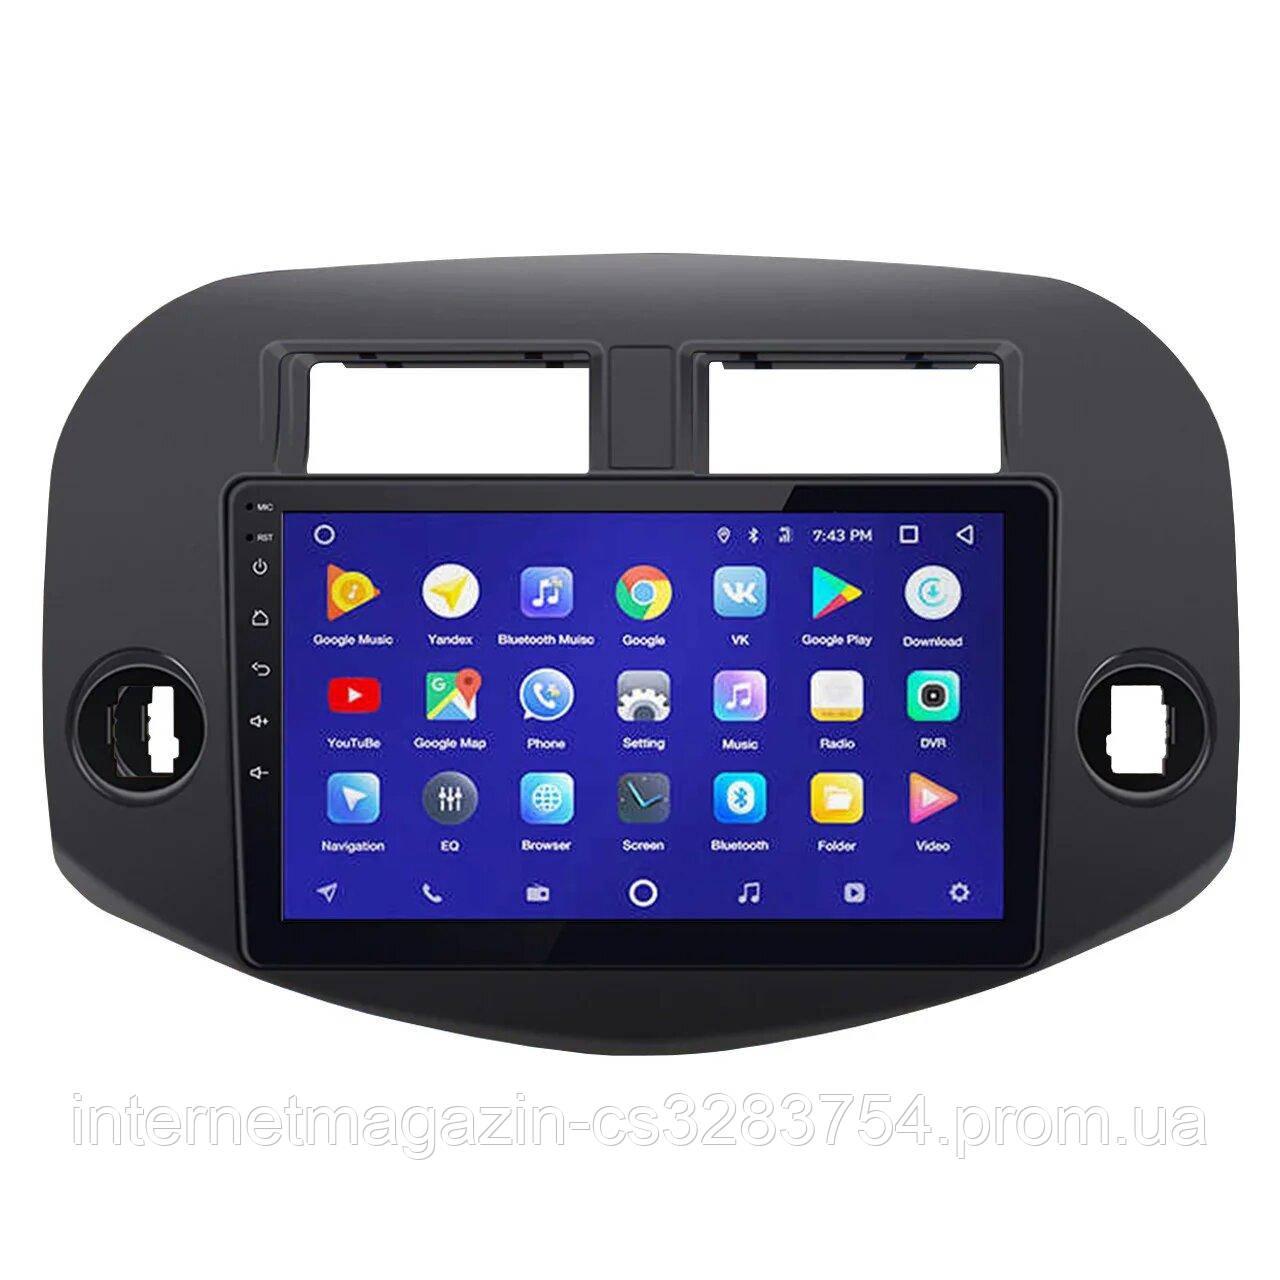 Магнитола штатная 10 дюймов Toyota RAV4 45 Вт 1+16 ГБ GPS USB-DVR Hands Free Bluetooth (4003-11396)